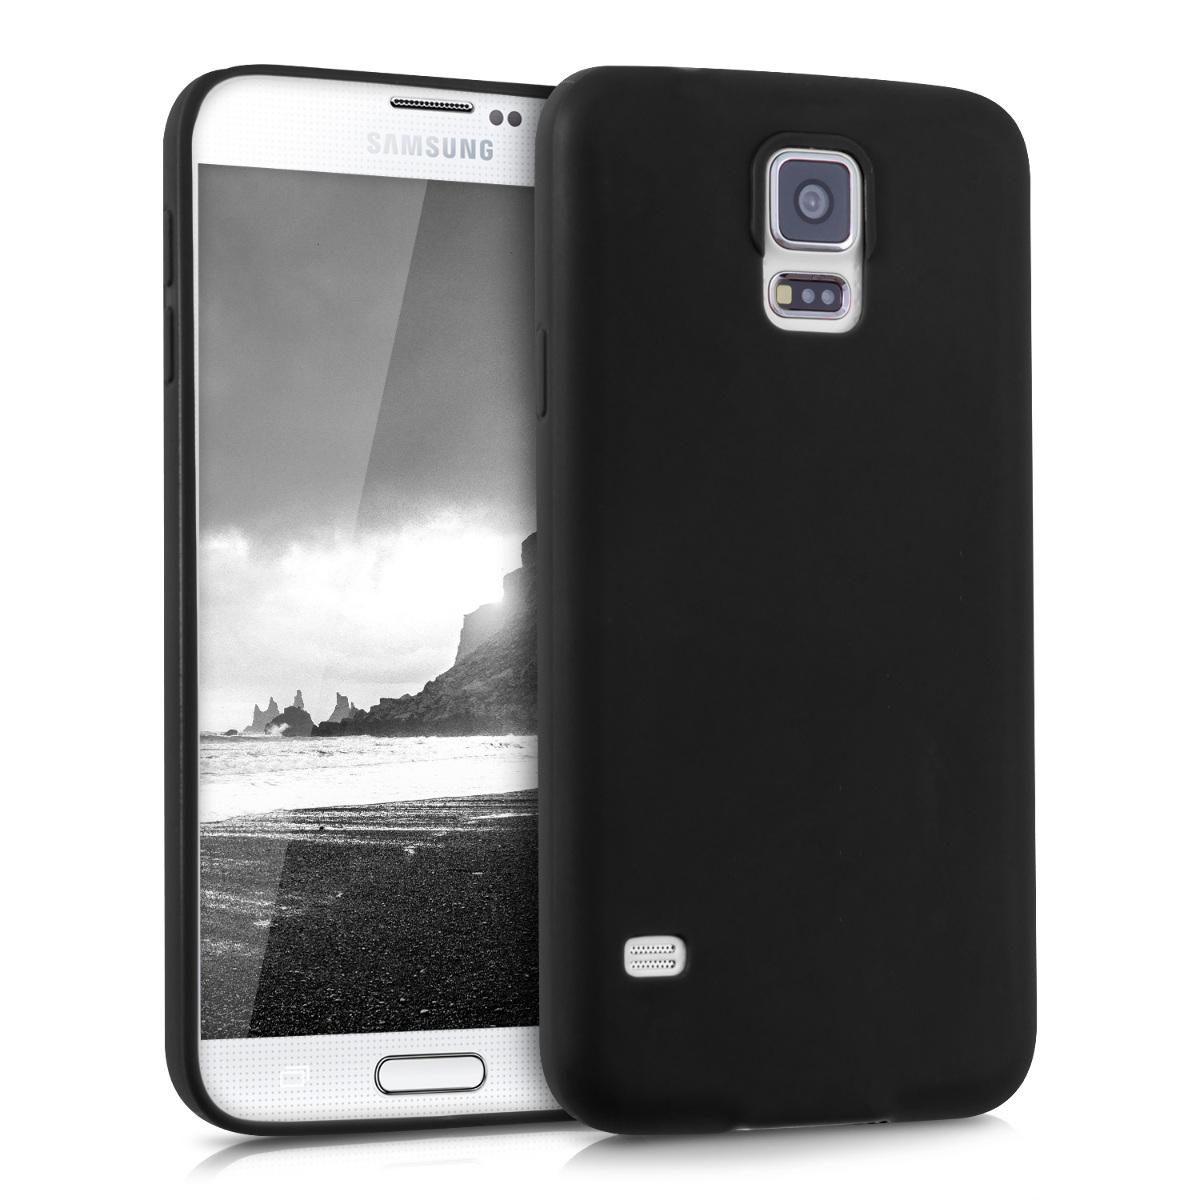 Kvalitní silikonové TPU pouzdro pro Samsung S5 | S5 Neo - černé matné